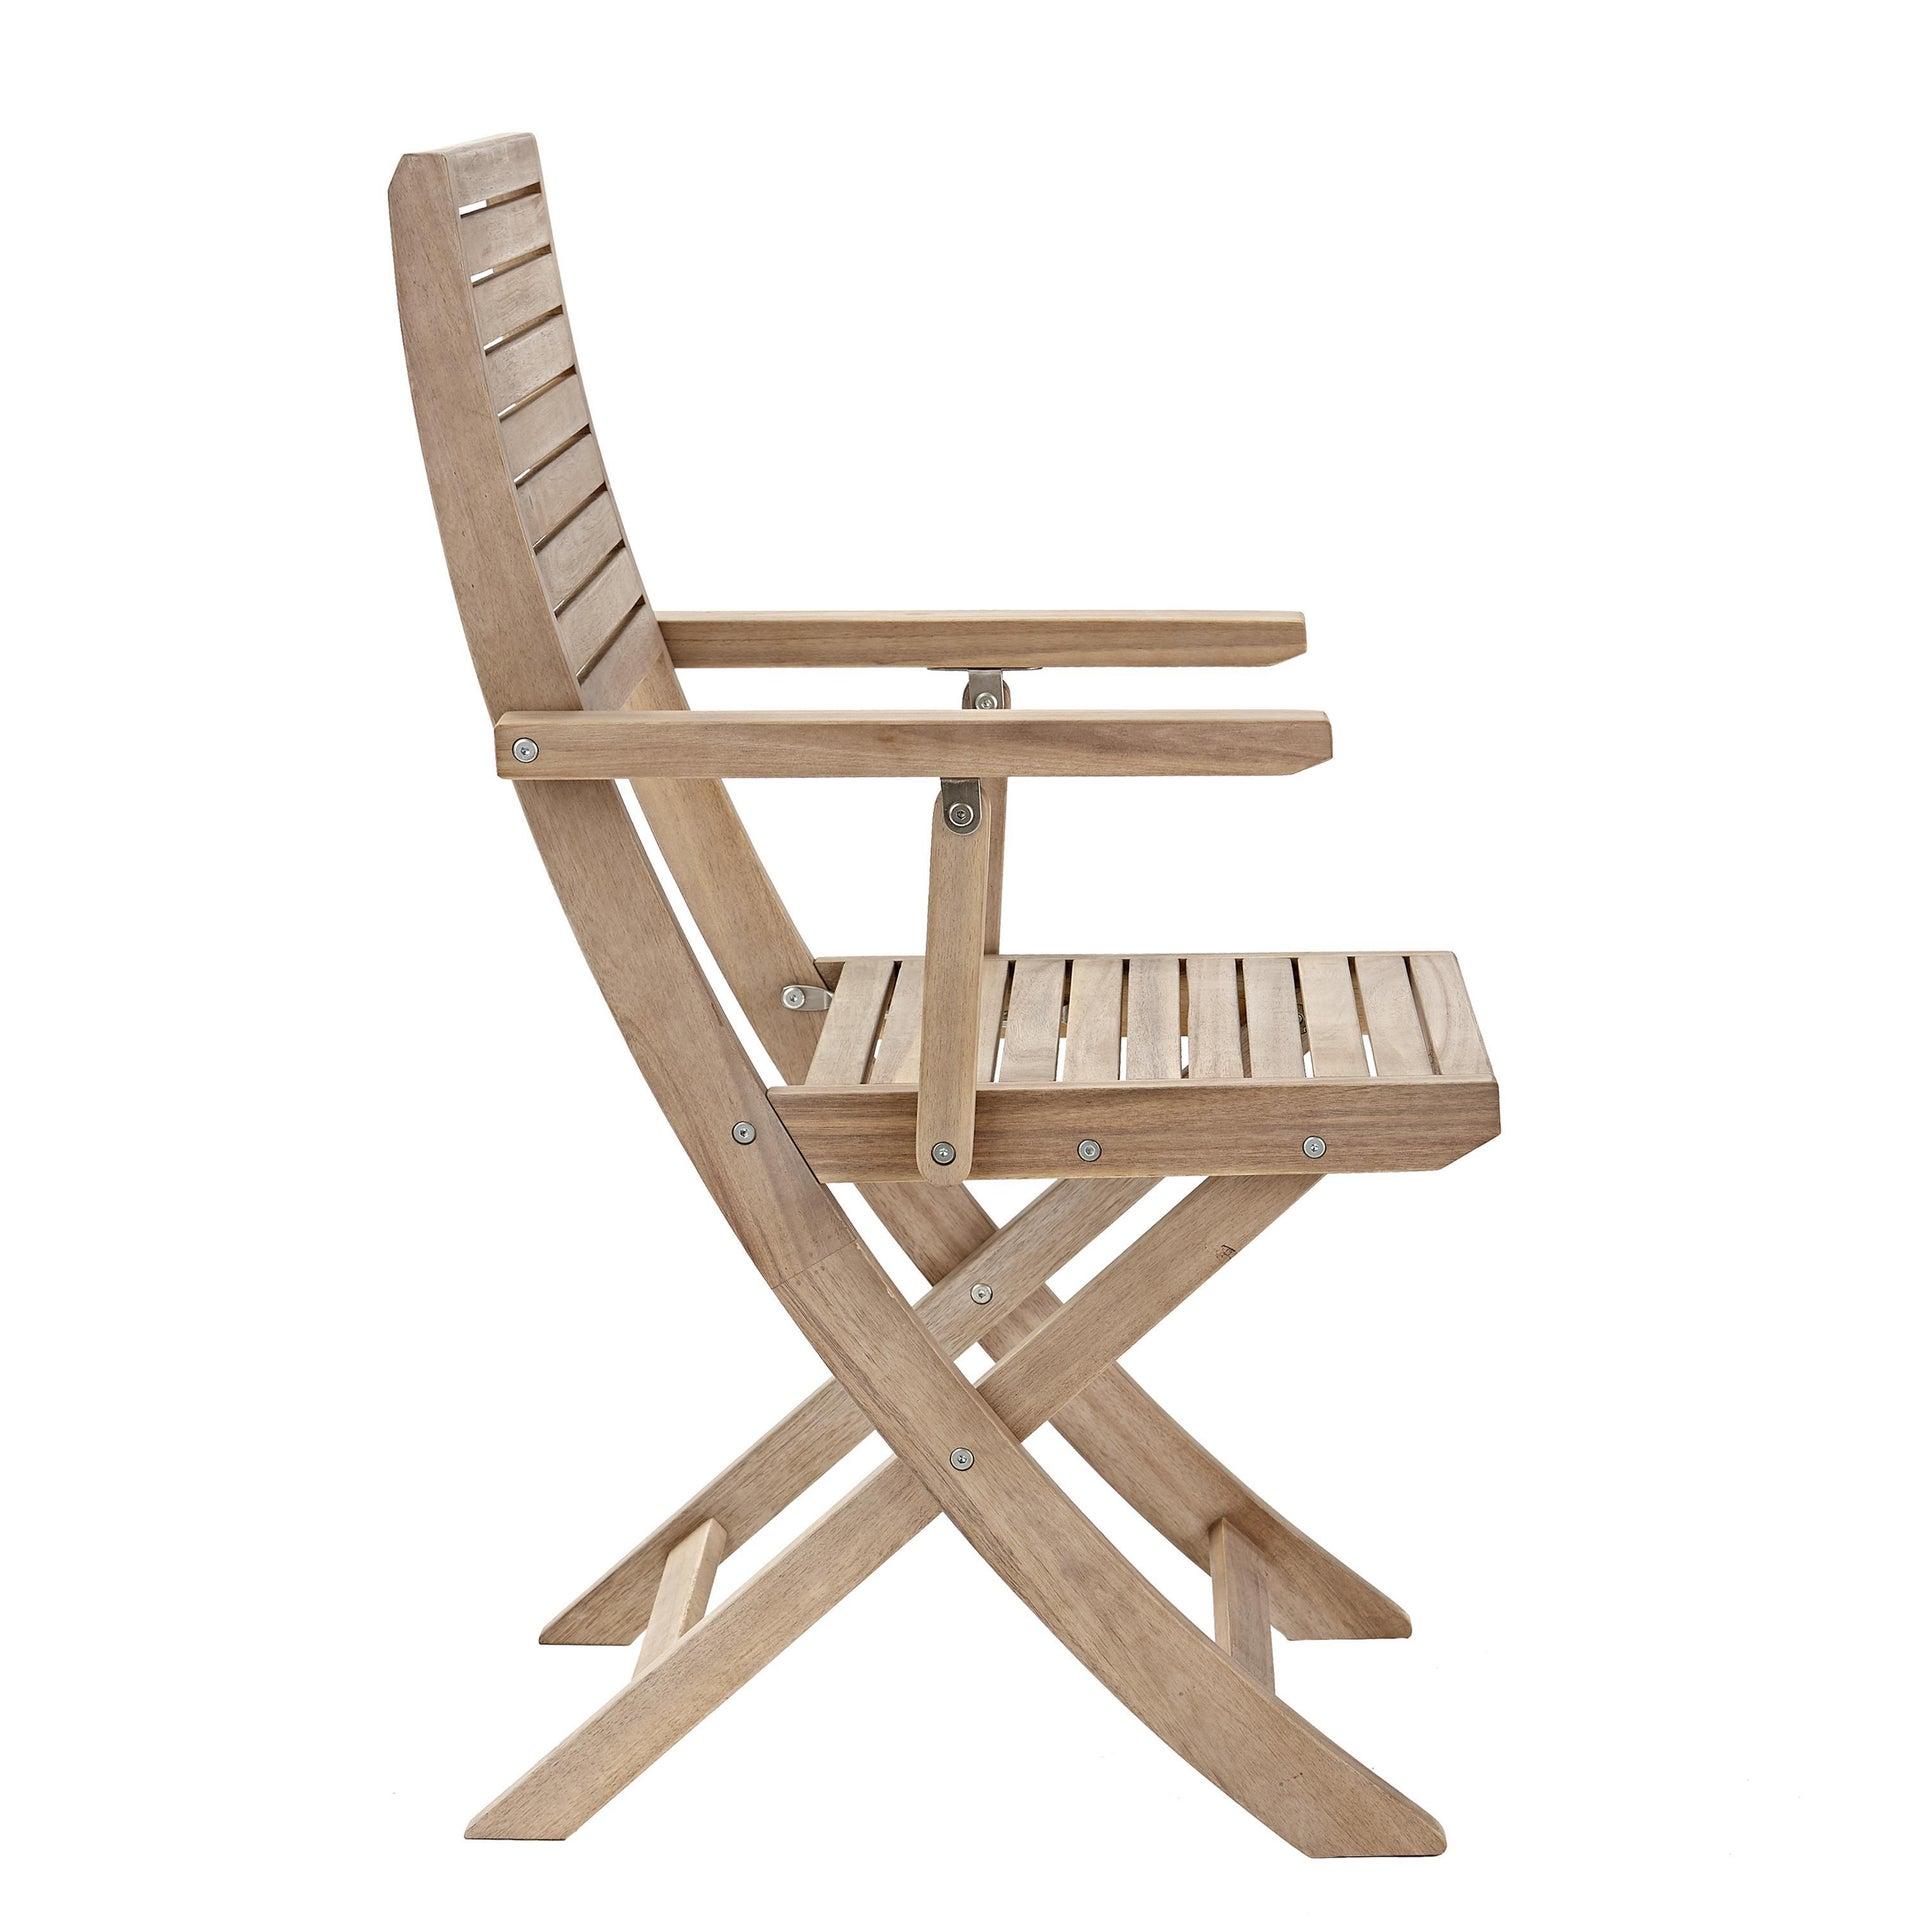 Sedia con braccioli senza cuscino pieghevole in legno Solaris NATERIAL colore acacia - 6